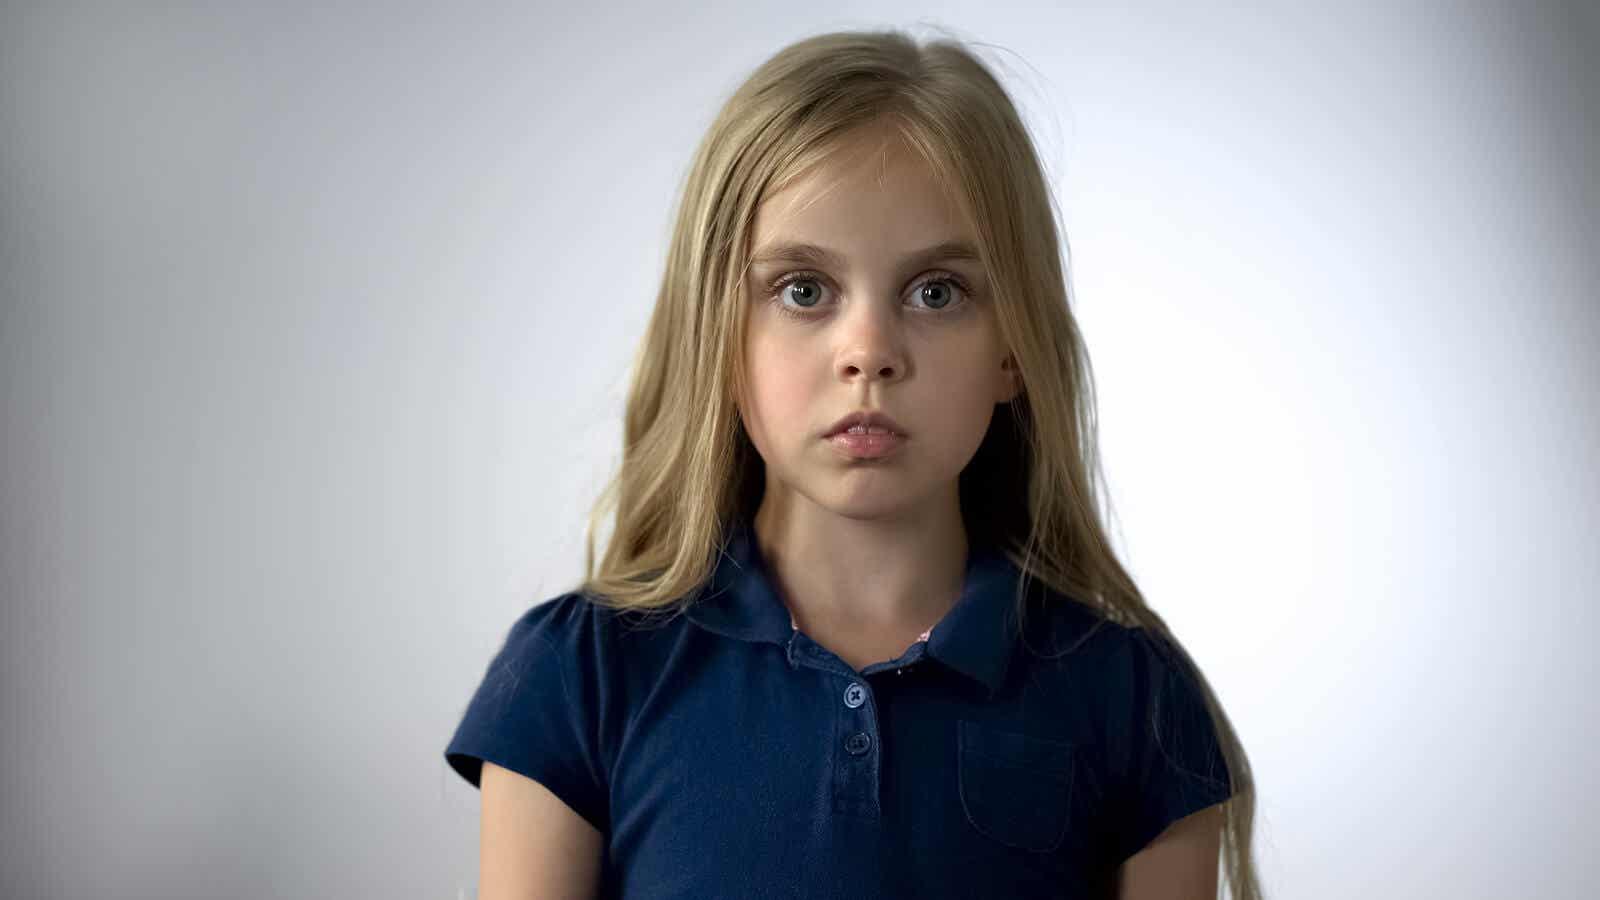 En ung jente frosset av frykt.